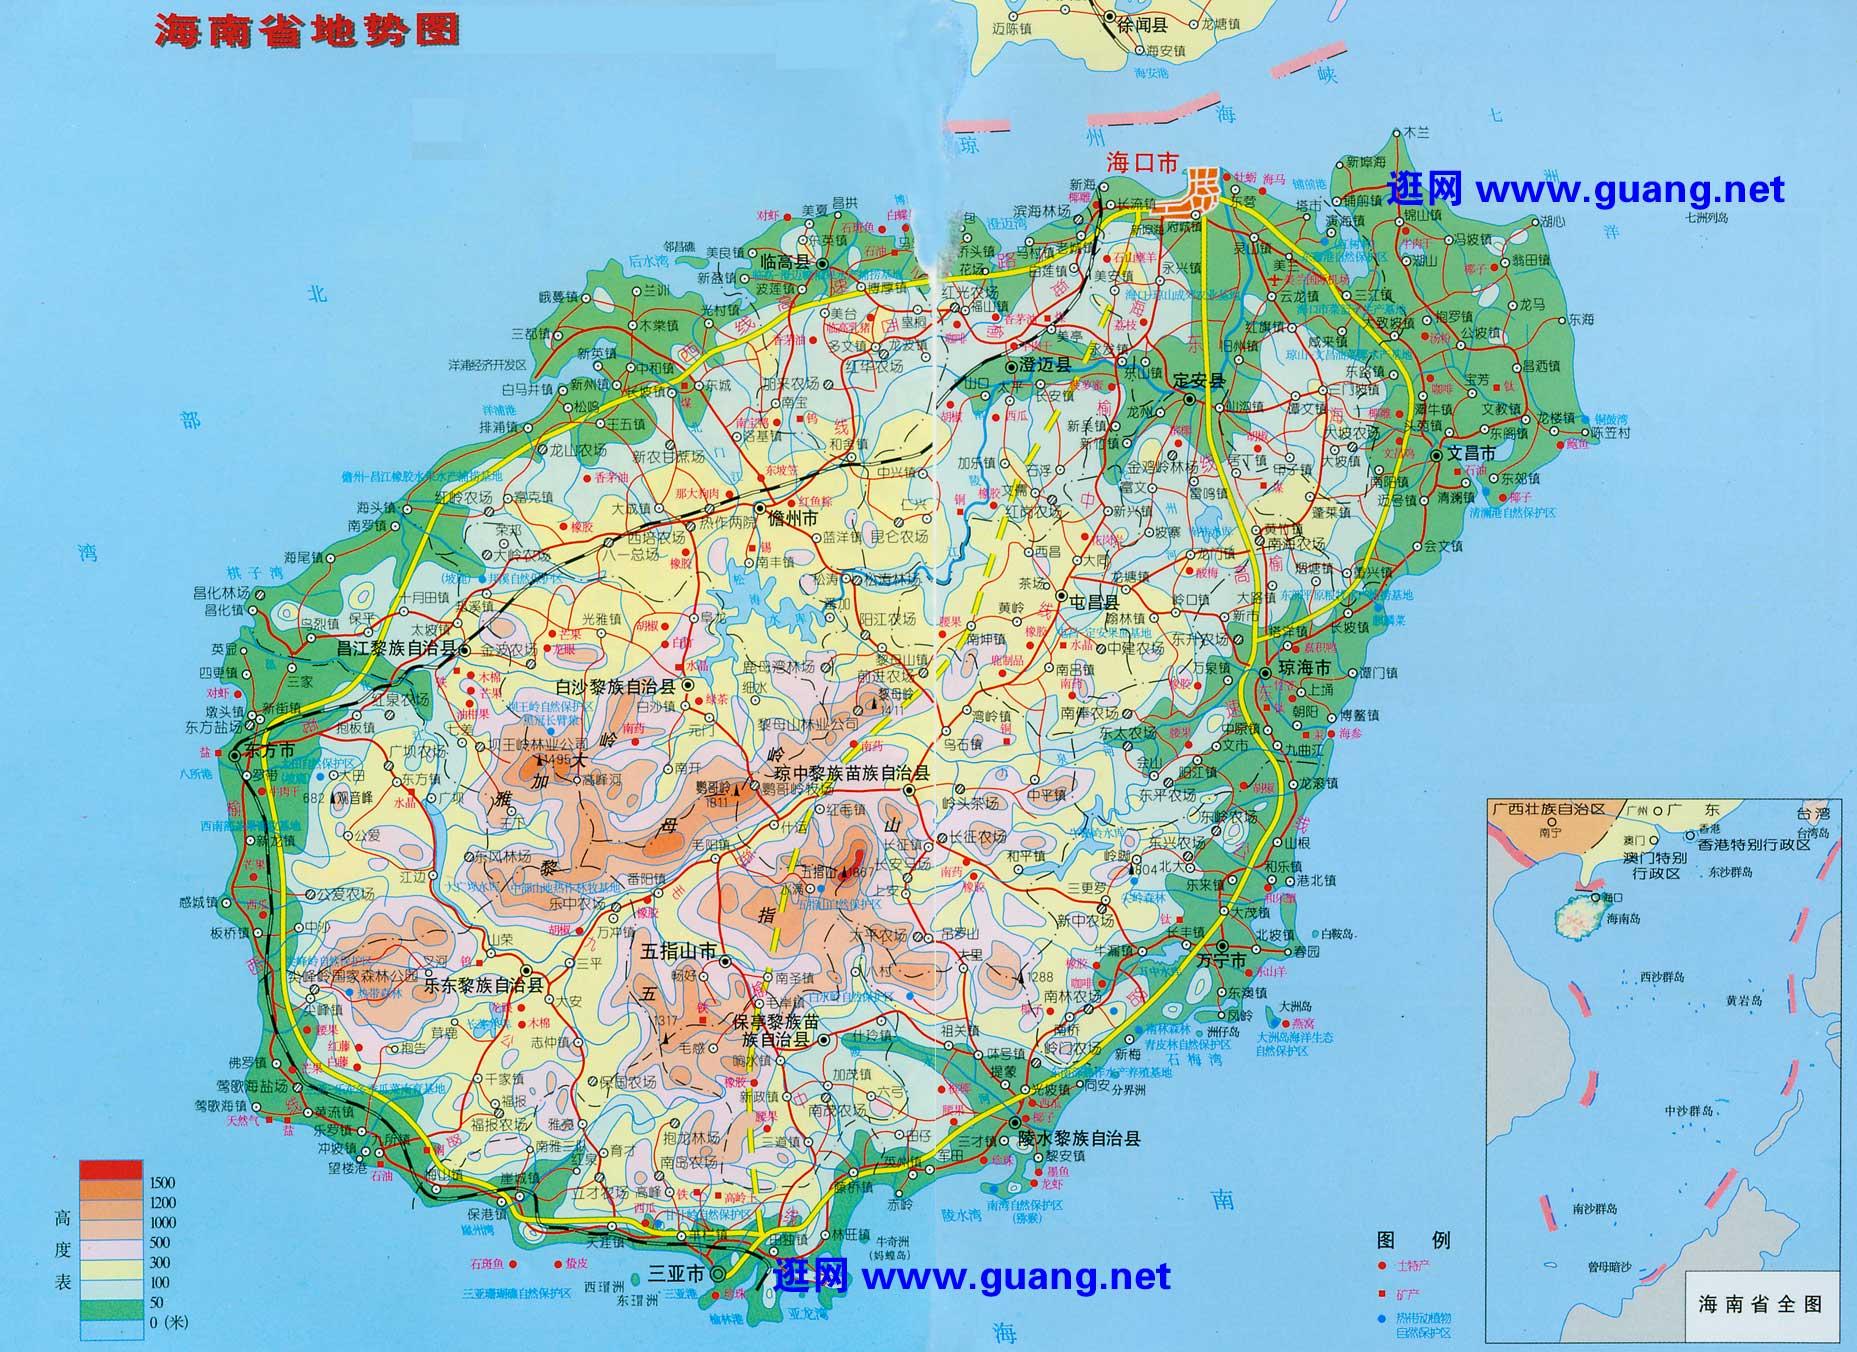 附海南岛的地形/区划/交通/城镇地图一幅,对比着看就会发现合并后的